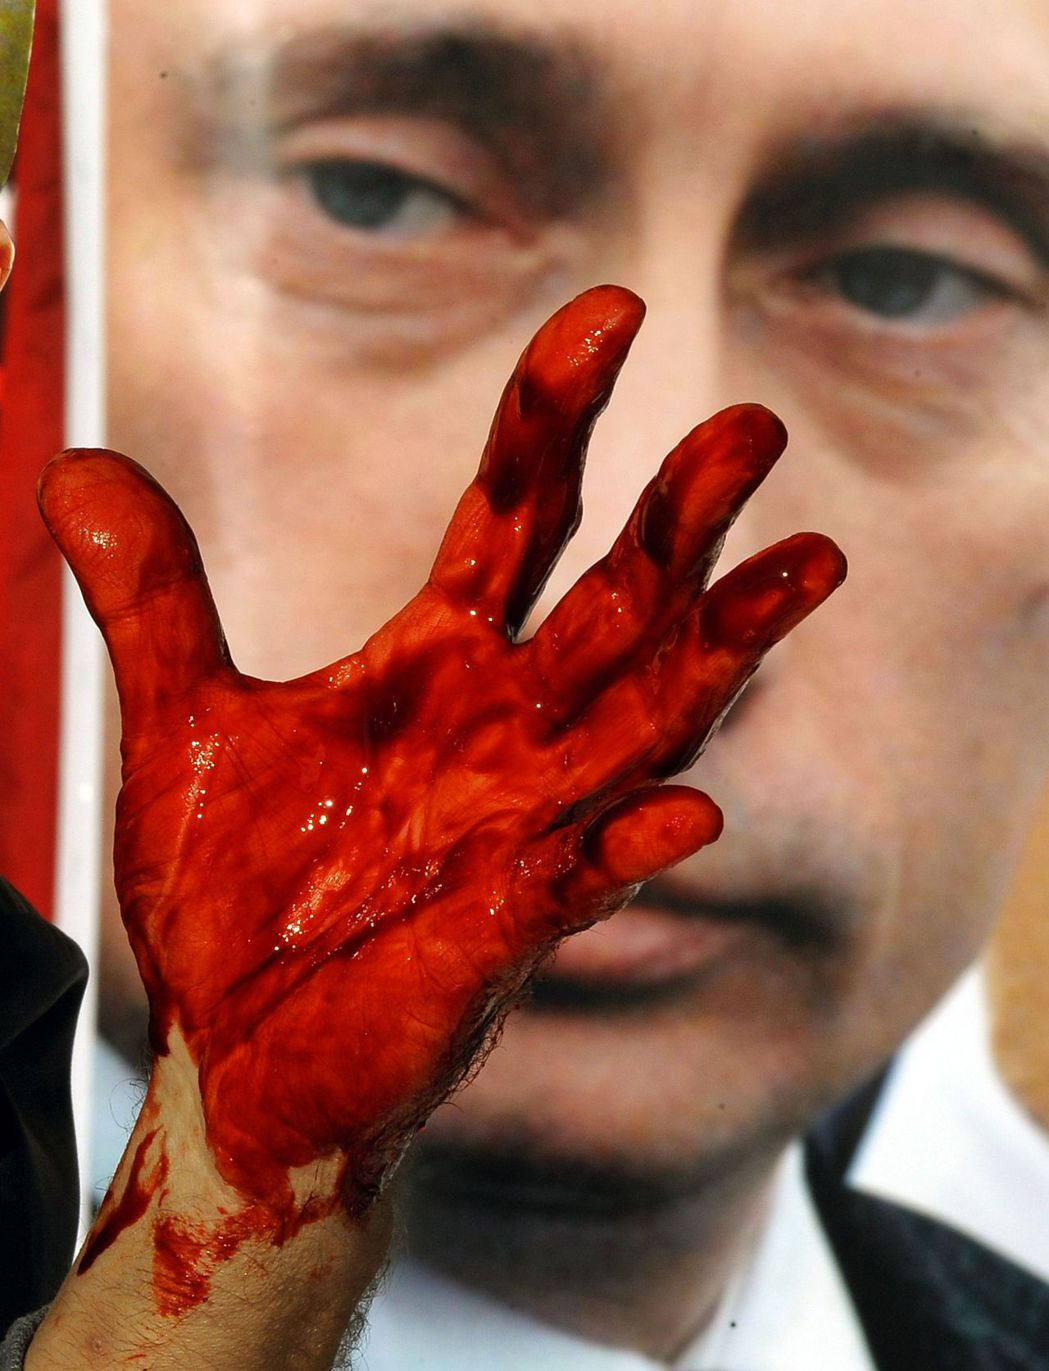 接二連三的事件,是否意味著在俄羅斯的恐攻產生了質變? 俄羅斯的國安是否面臨嚴峻的...